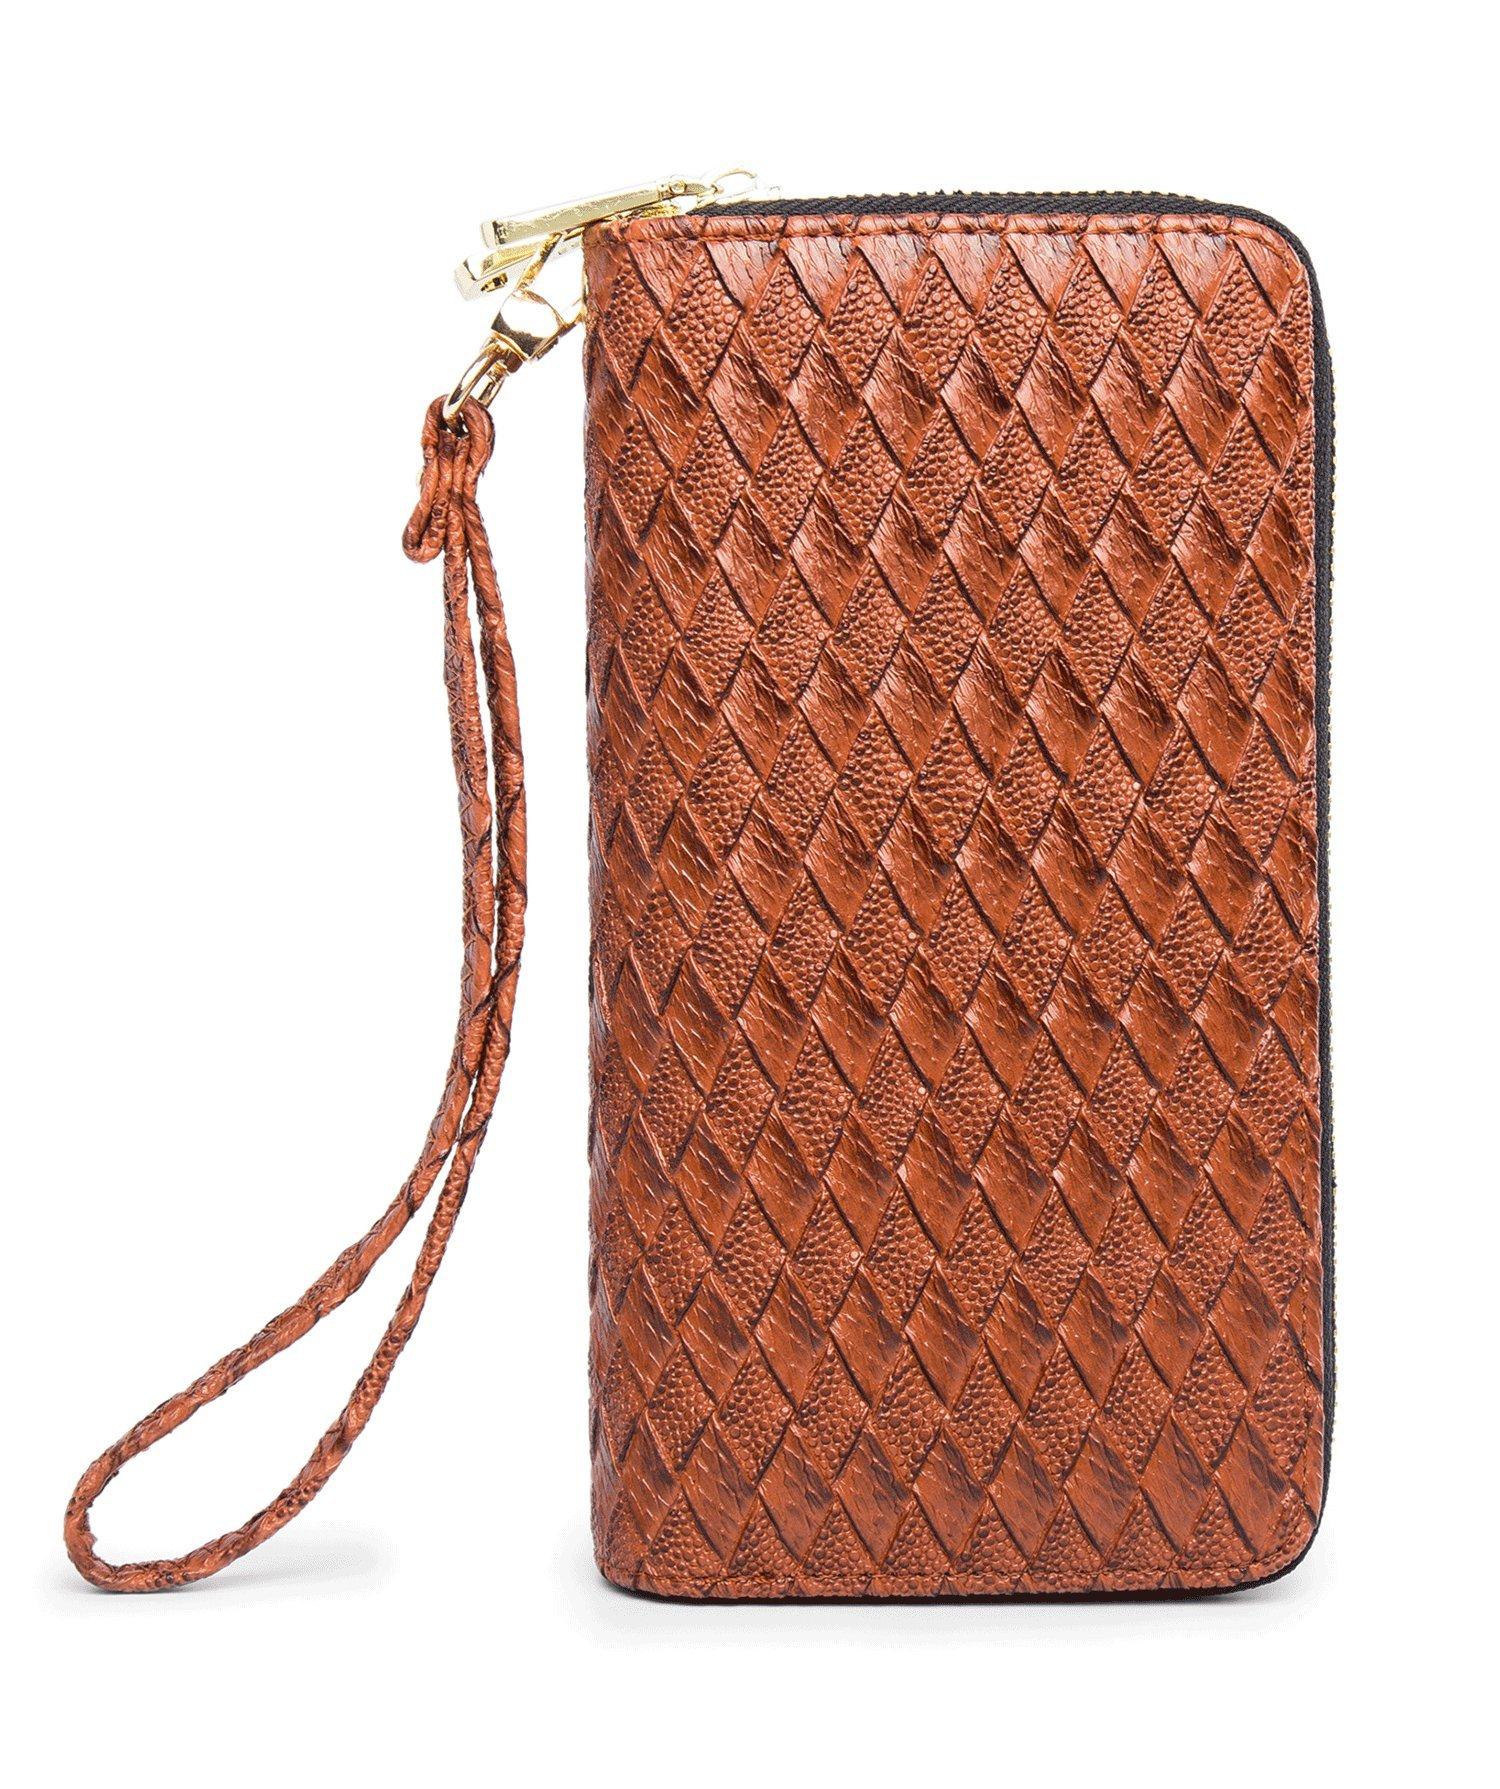 LIKESHE Women Deep Brown Braided Pattern Multifunctional Double Zipper Wallets(DeepBrown-BZW-22A8)